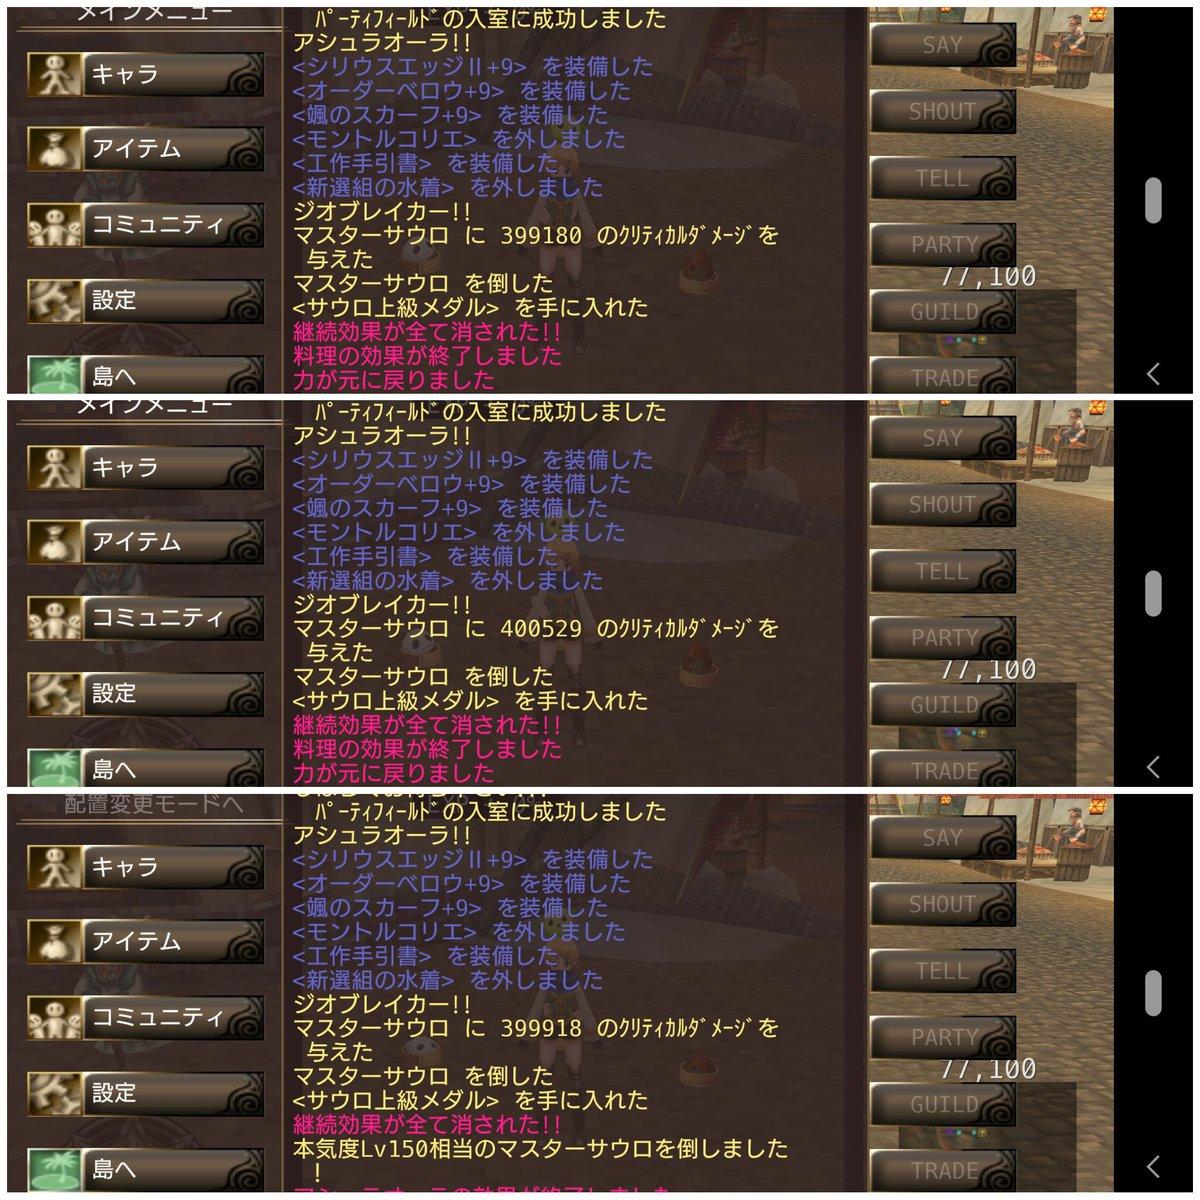 イルーナ 戦記 モンク スキル